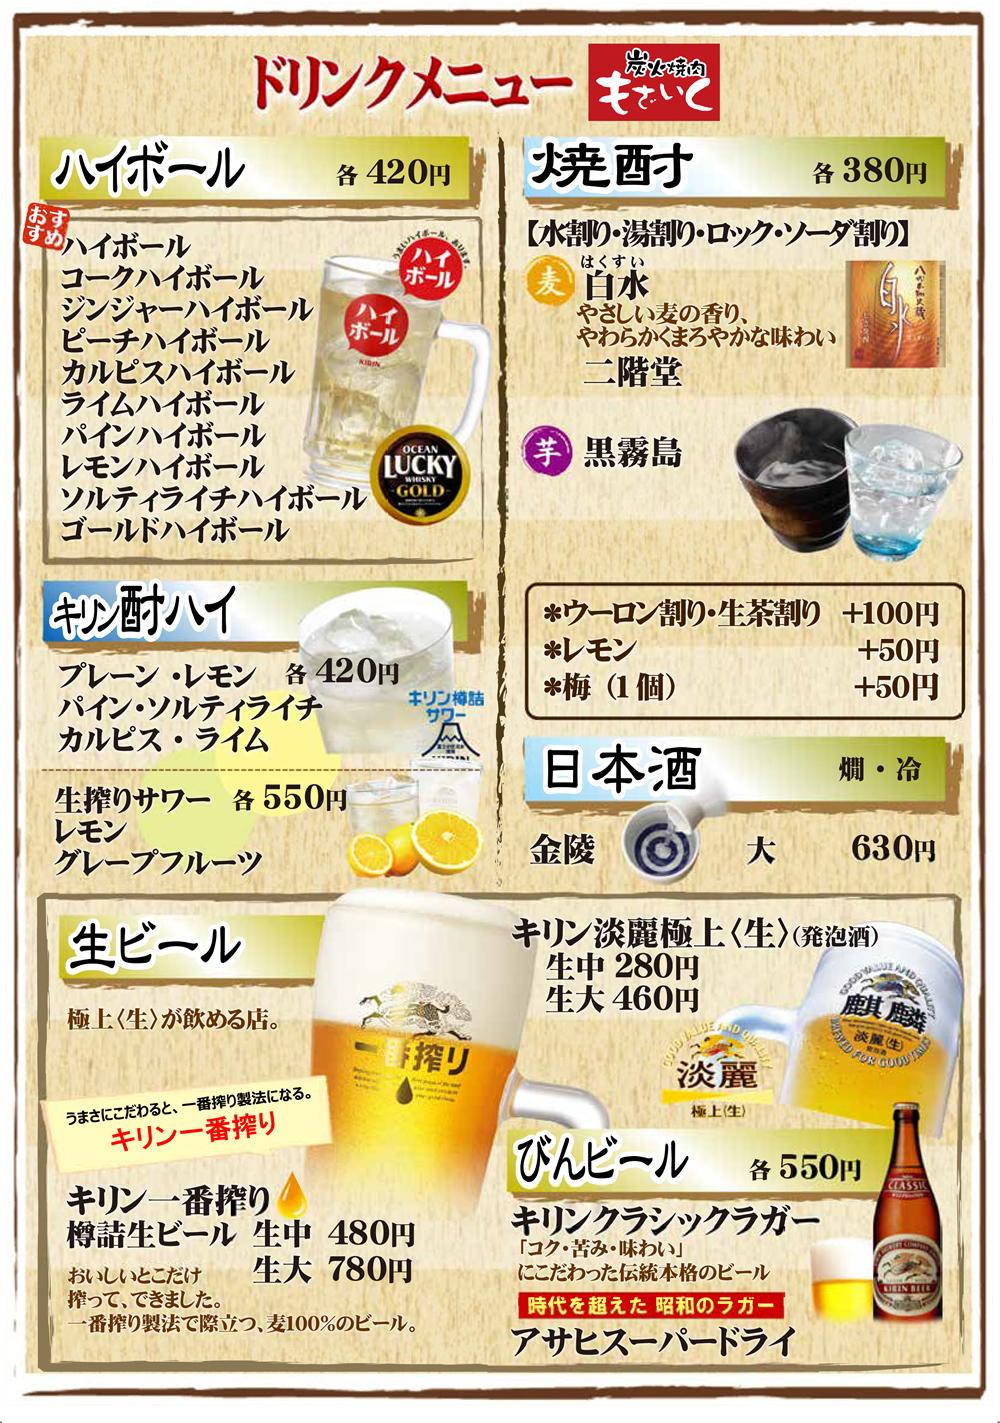 ハイボール、焼酎、酎ハイ、日本酒、生ビール、びんビール